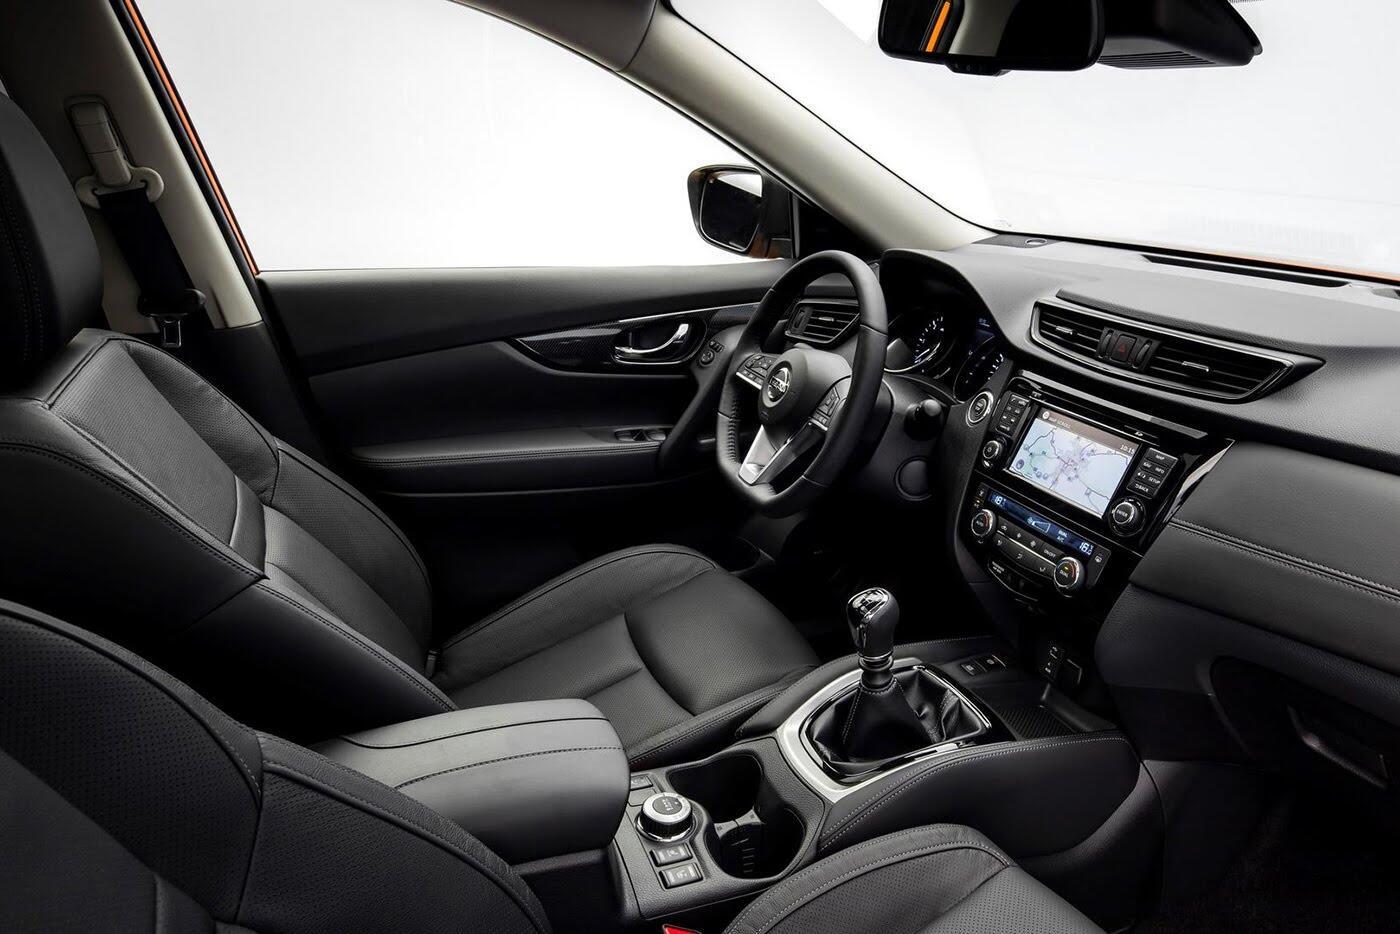 Nissan X-Trail 2017 có thêm phiên bản Nismo mới hầm hố và thể thao - Hình 3